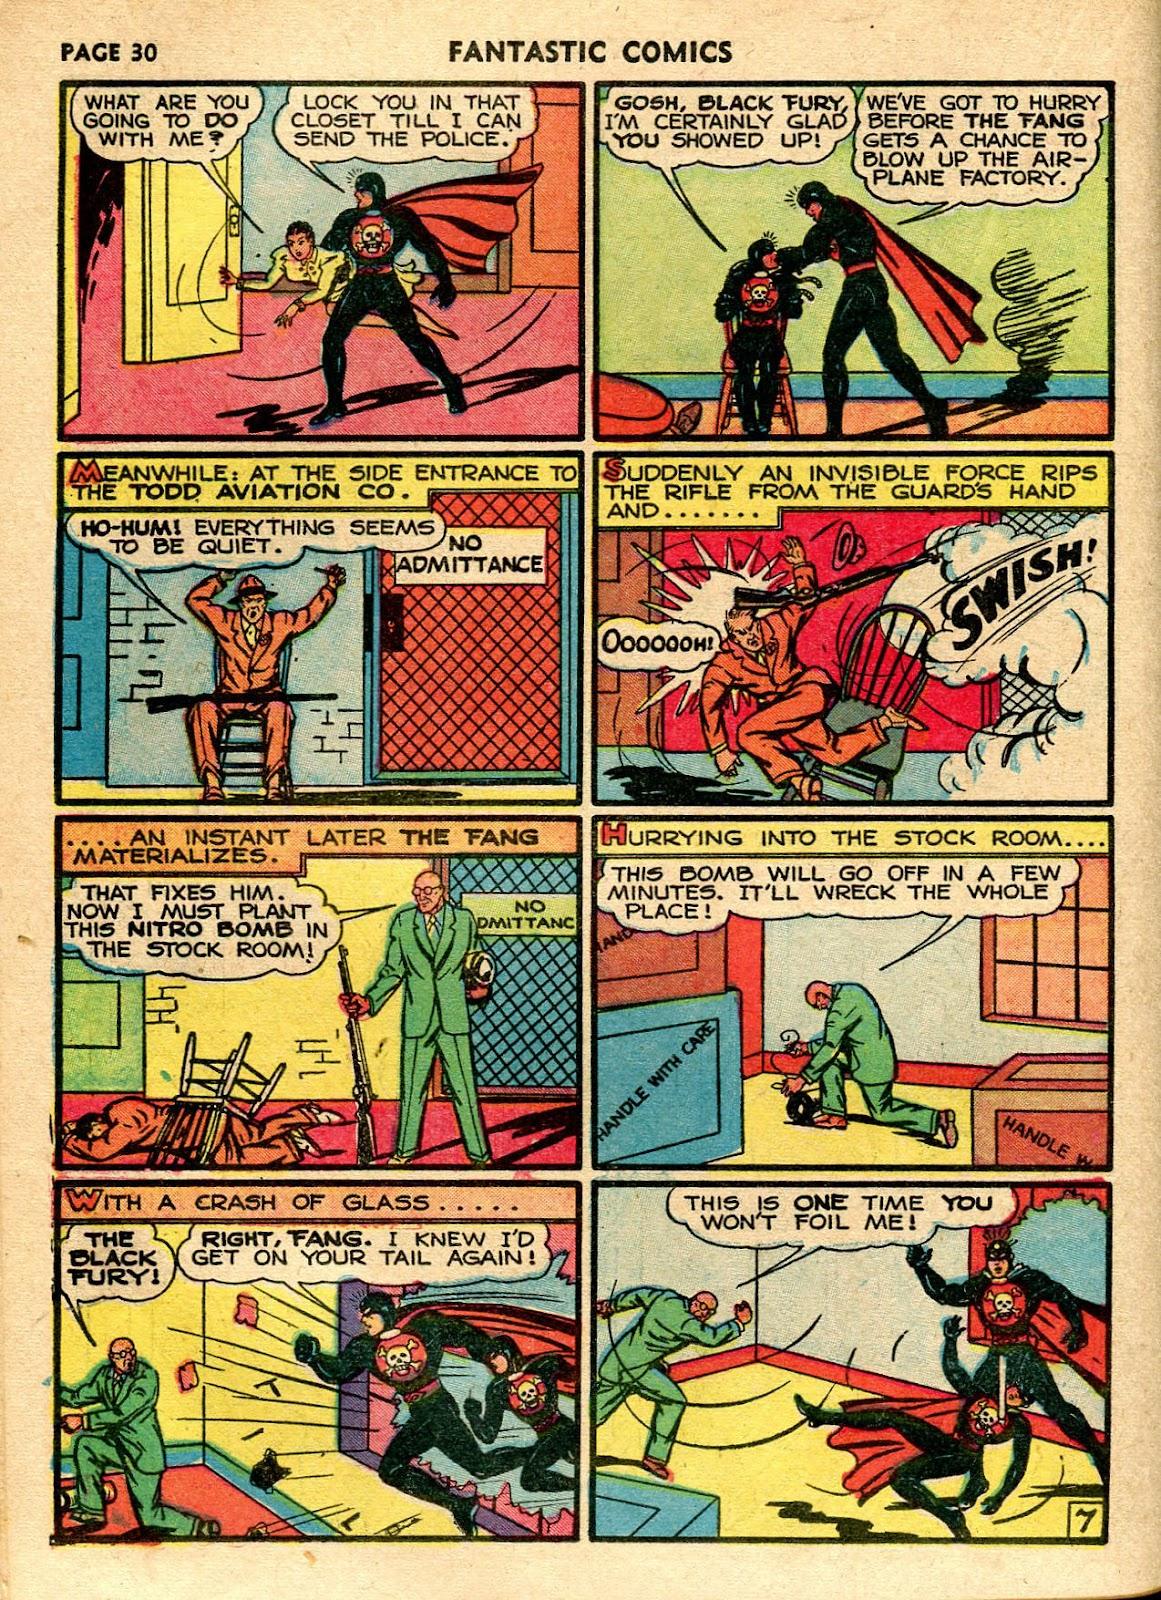 Read online Fantastic Comics comic -  Issue #21 - 32